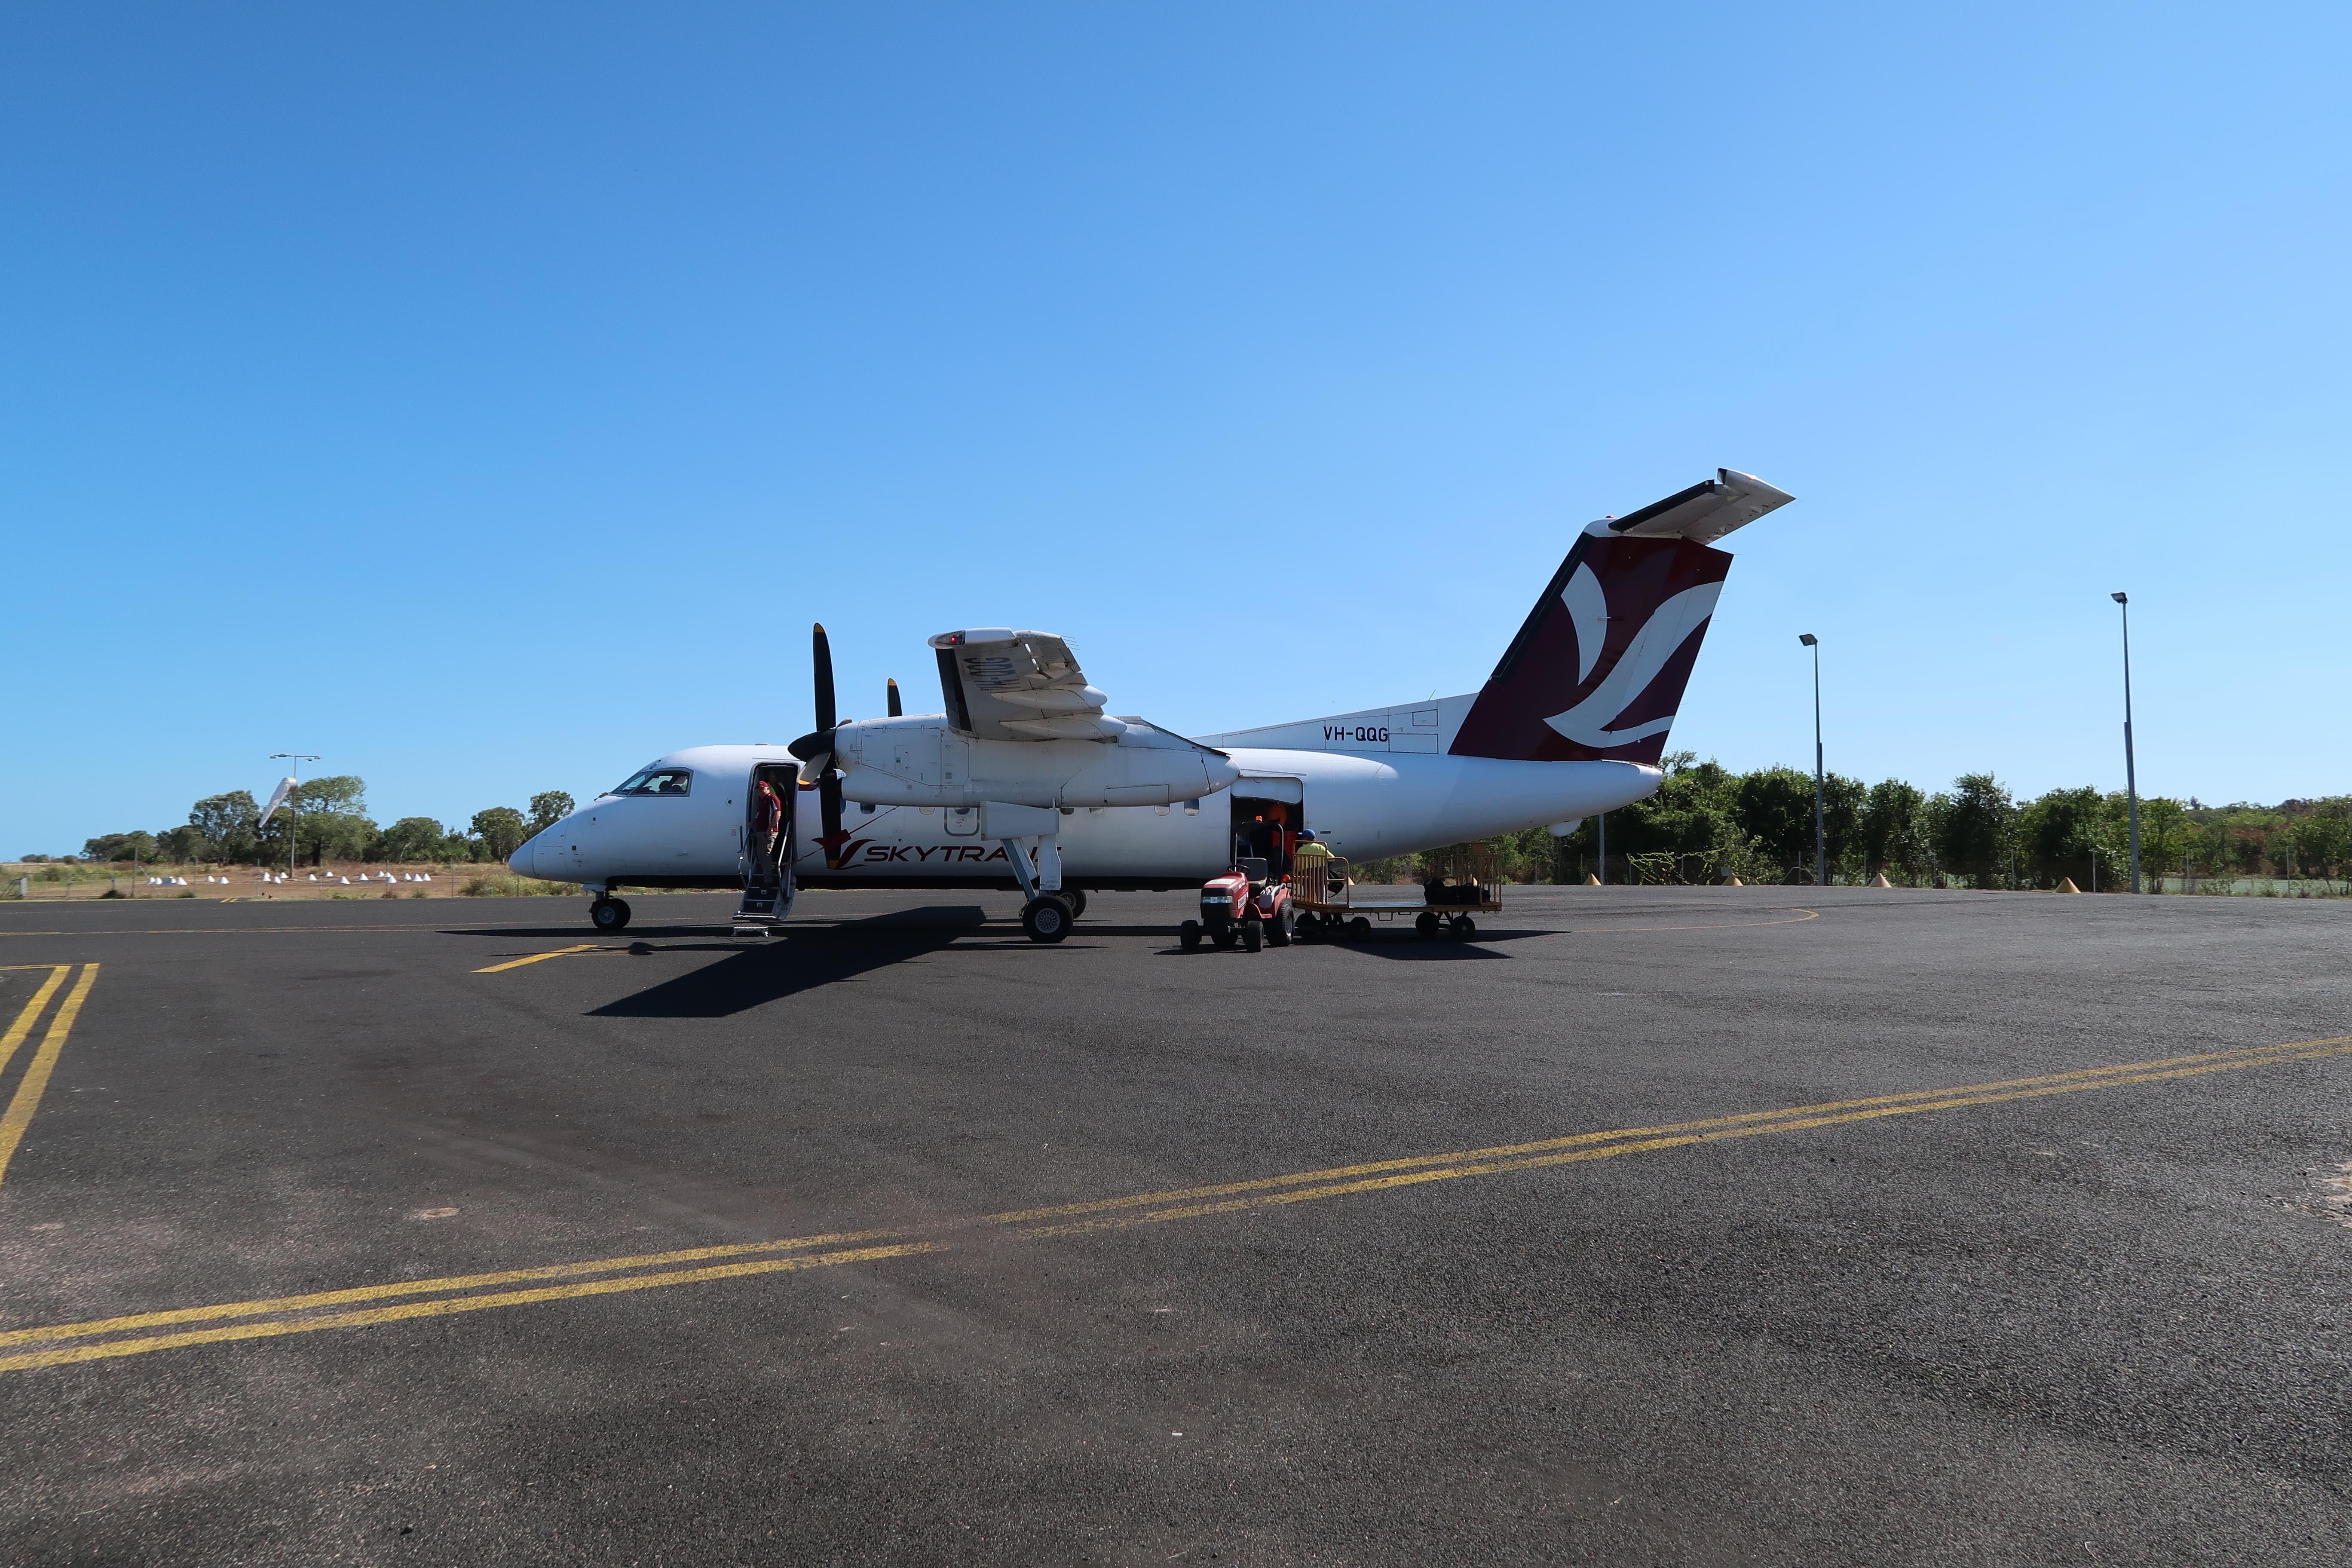 Regional Flights to Cape York, Torres Strait Islands, Cairns